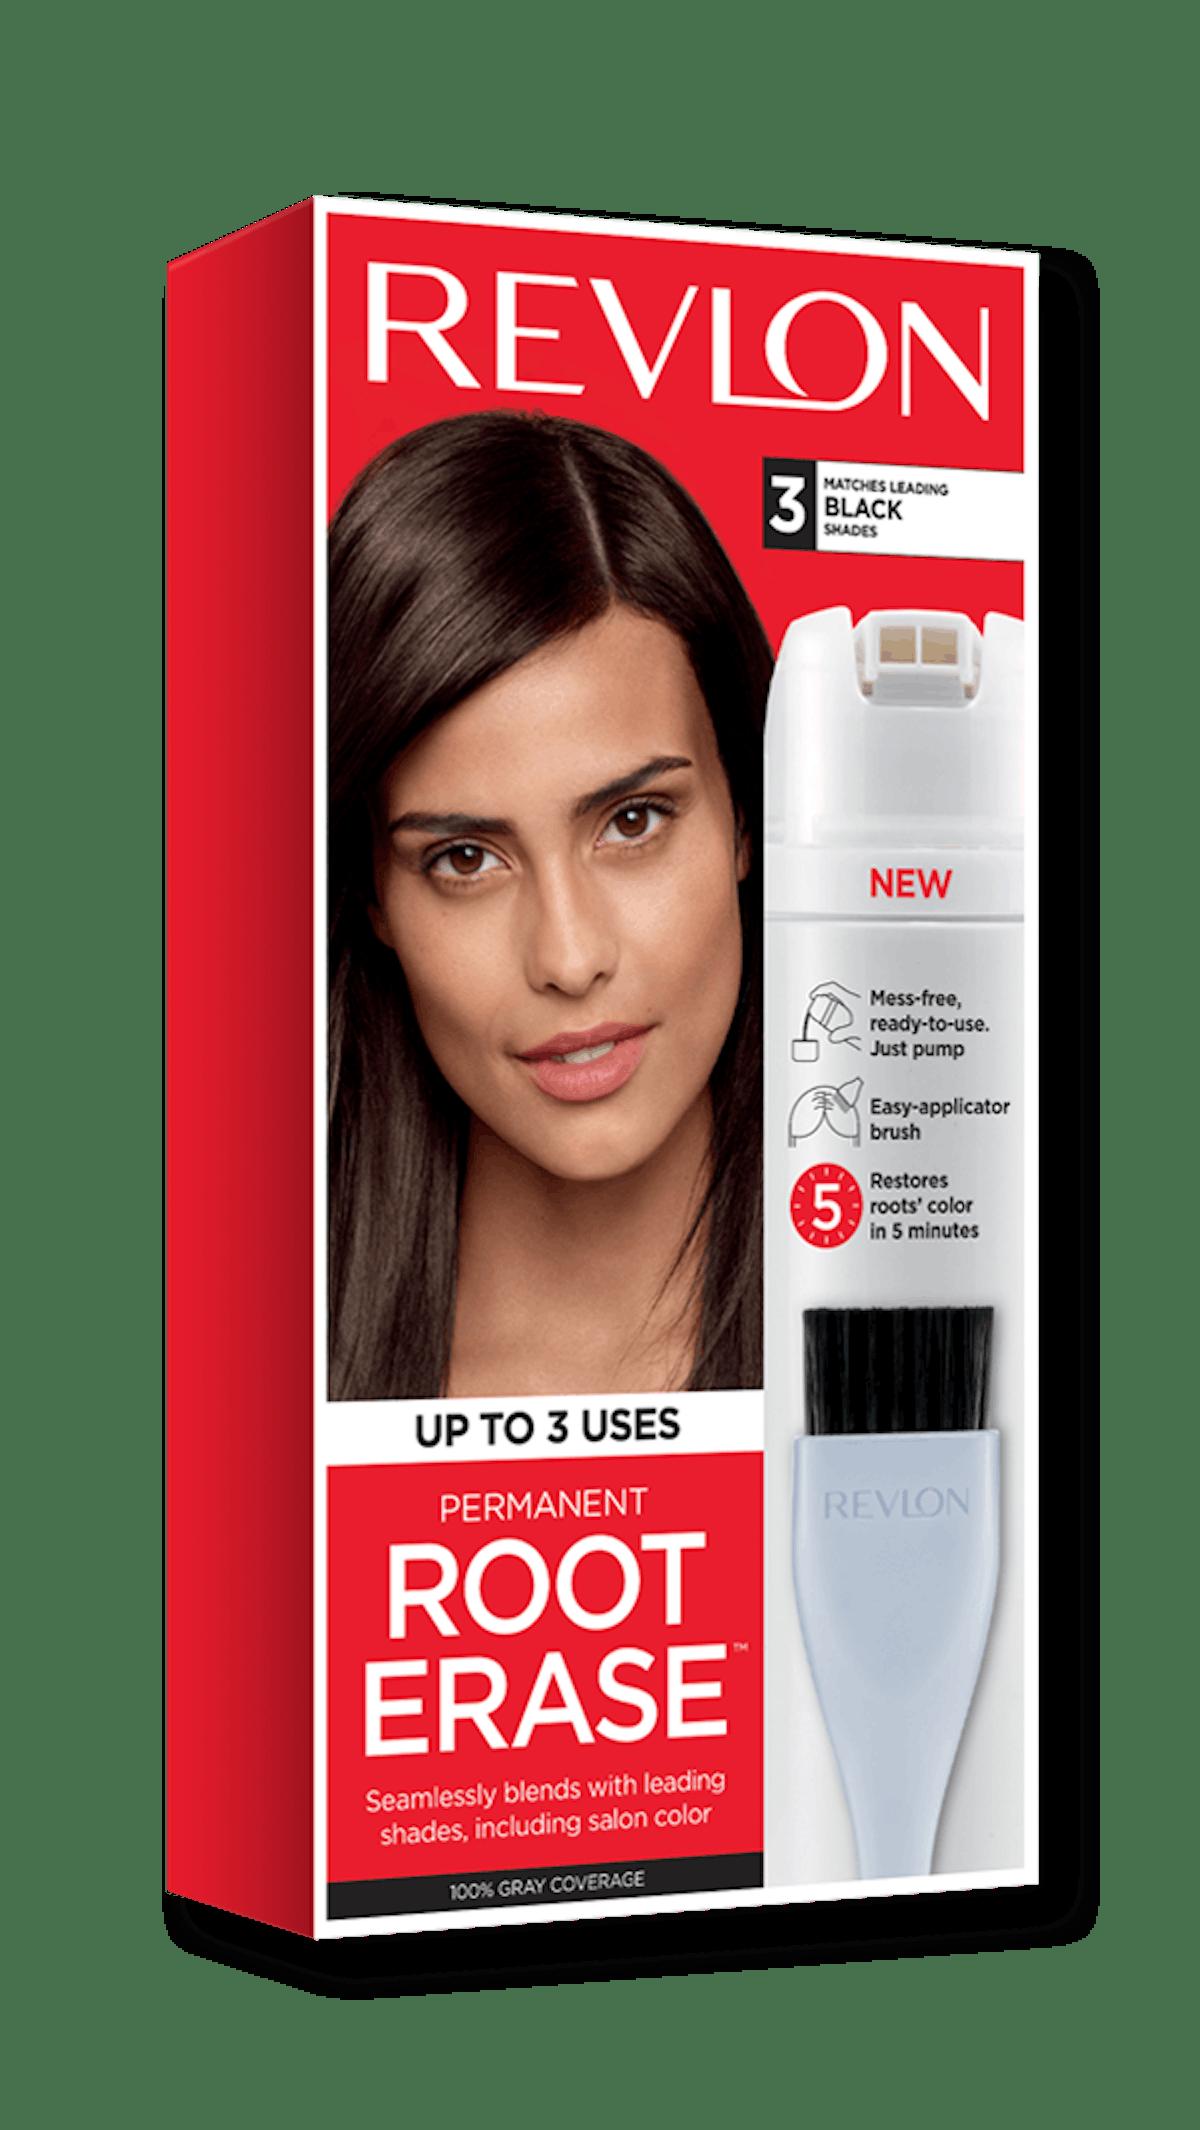 Revlon Root Erase